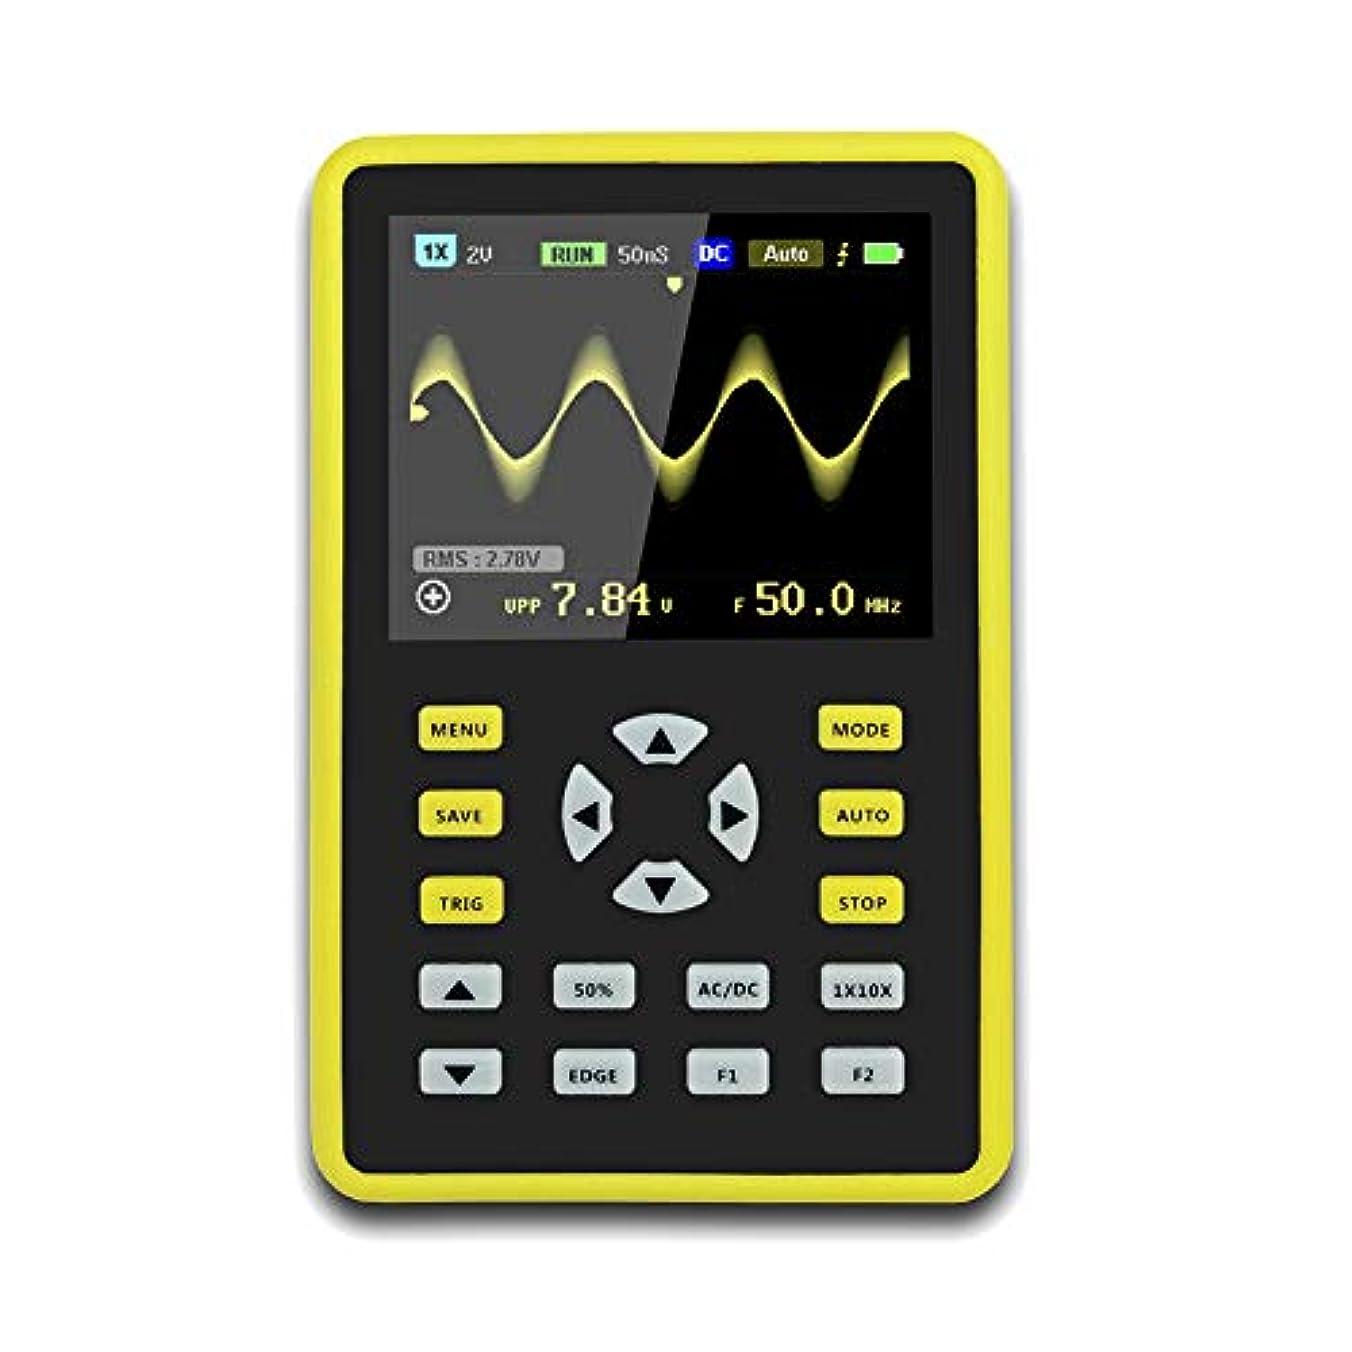 ガウン設置対処するXlp  手持ち型デジタル小型オシロスコープ2.4インチ500 MS/s IPS LCD表示スクリーンの携帯用